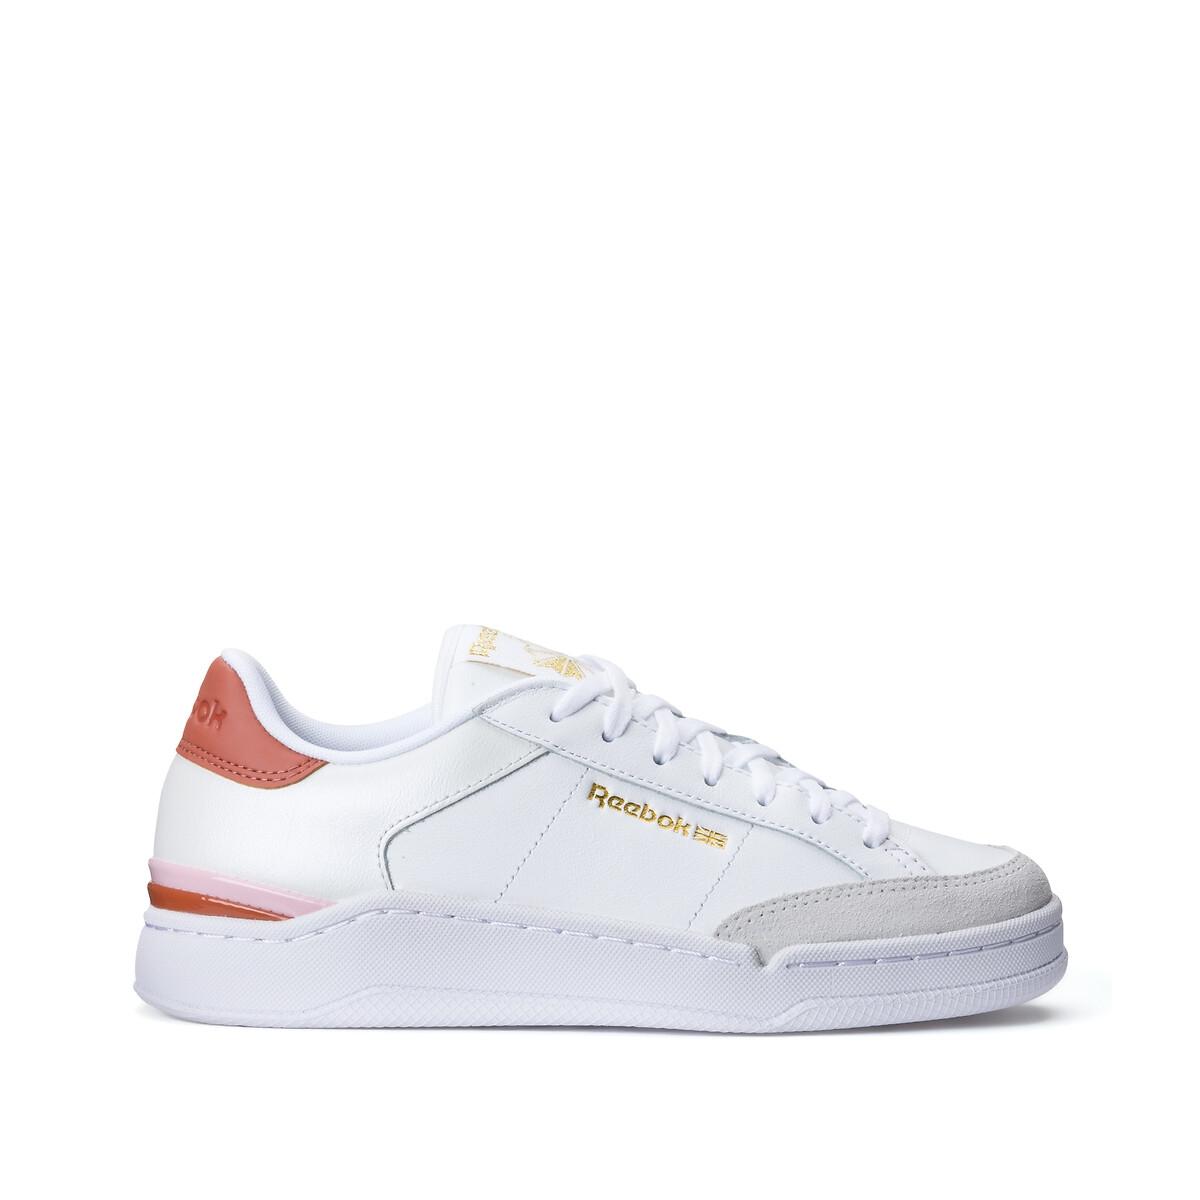 Reebok Classics AD Court sneakers wit/oranje online kopen